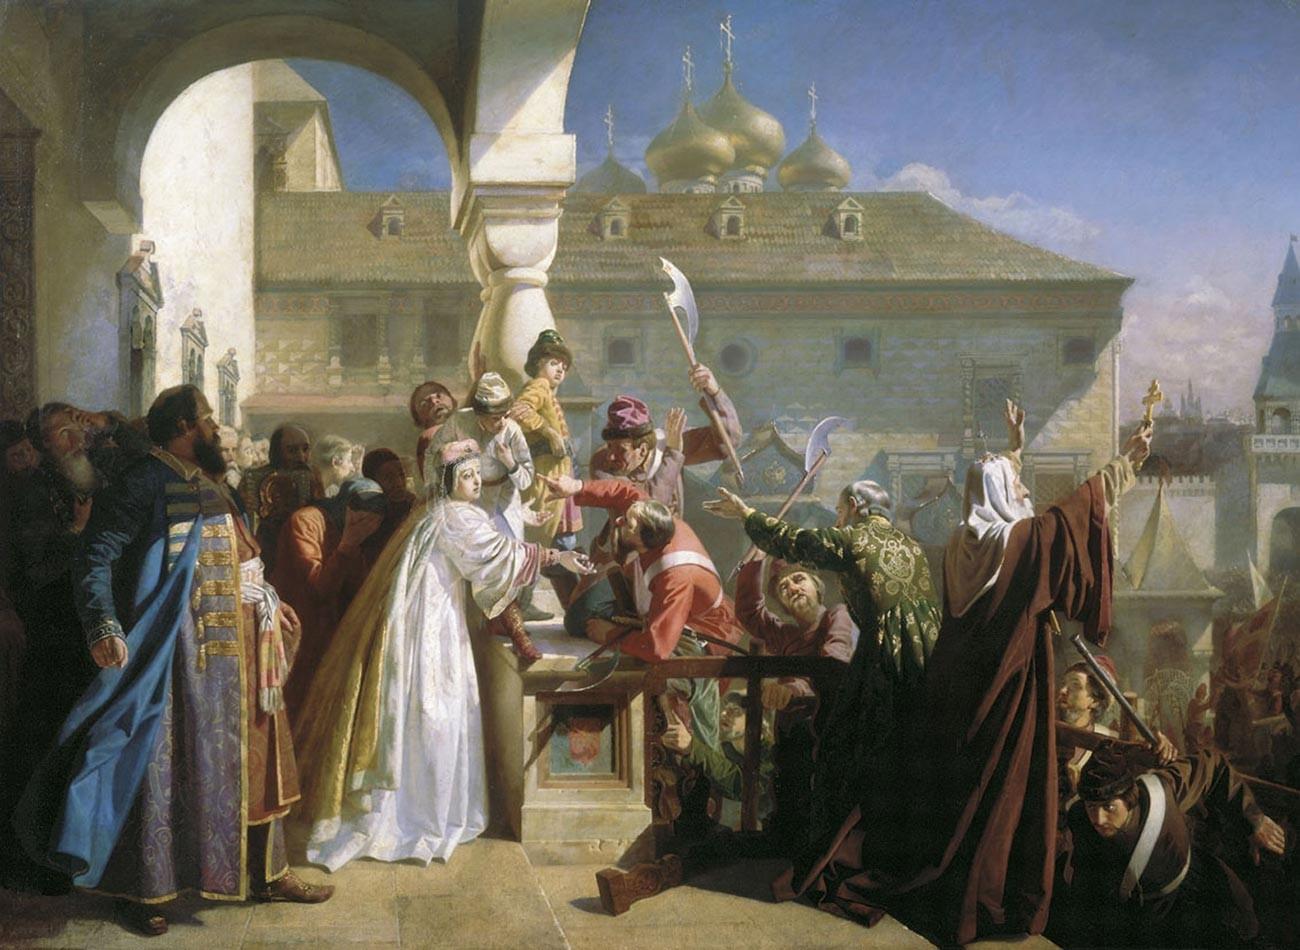 Strelizenaufstand von 1682